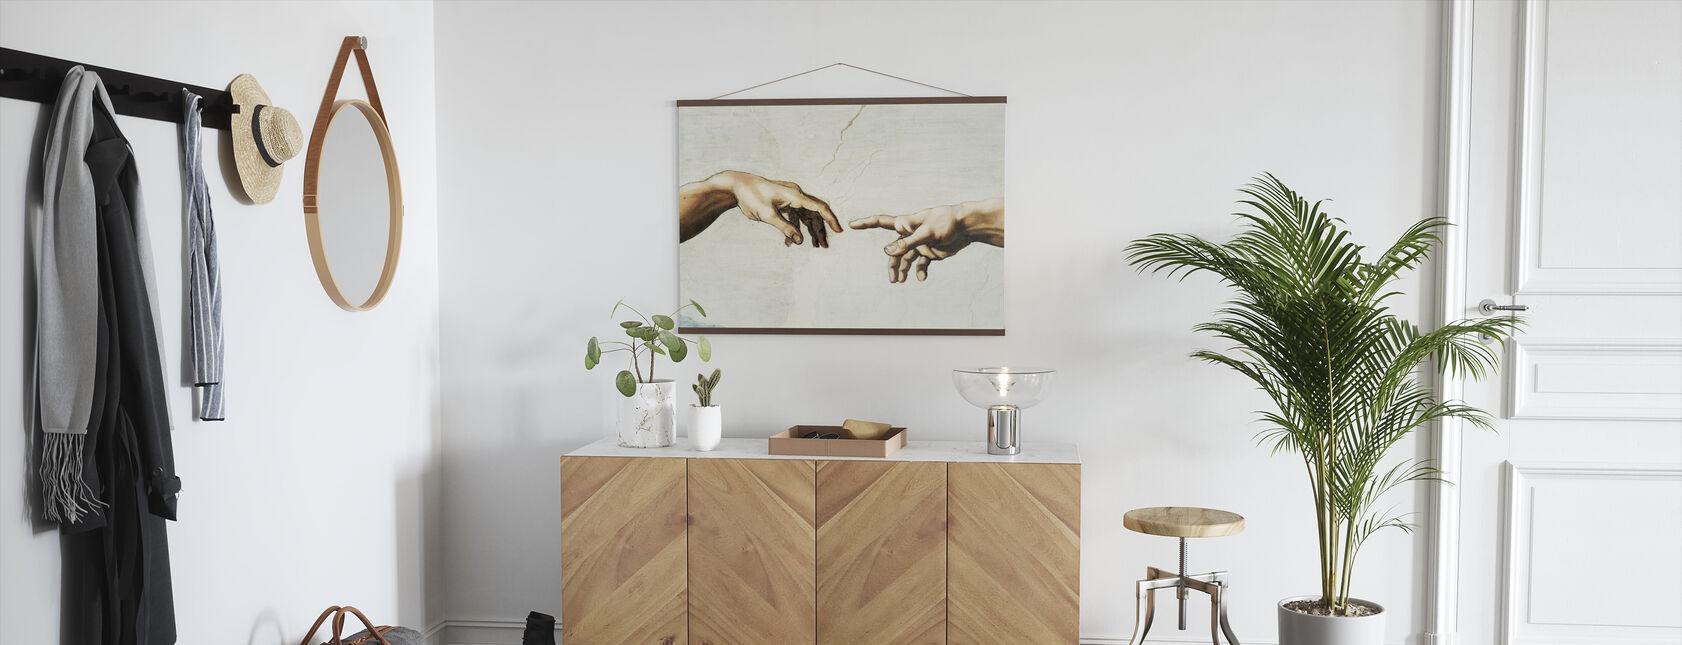 Michelangelo Buonarroti - Creation of Adam - Poster - Hallway